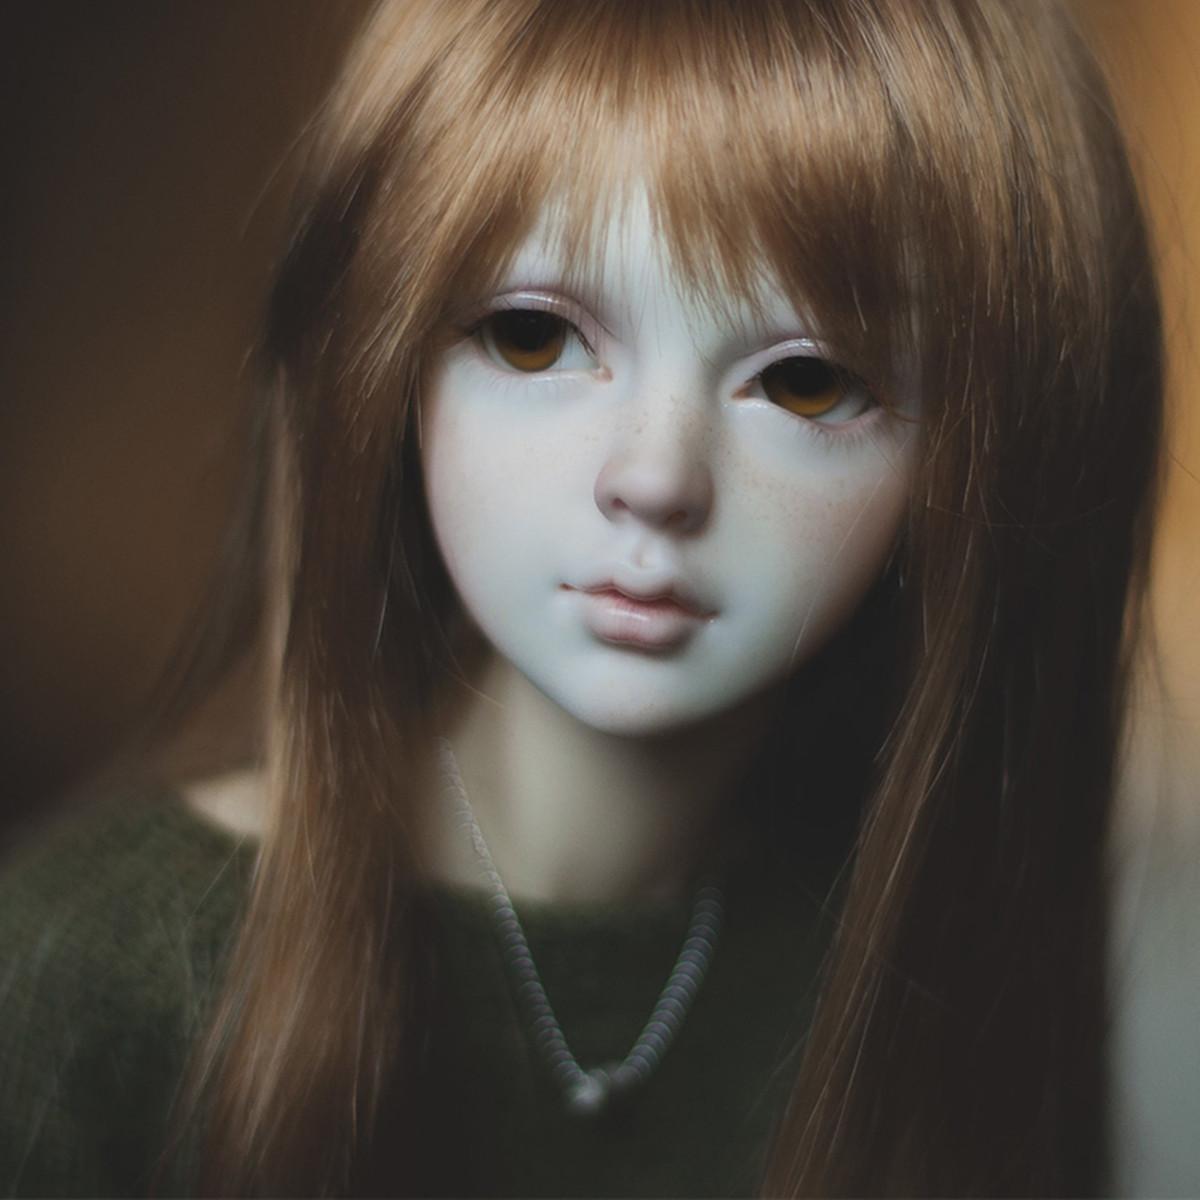 3分BJD娃娃SD doll lina 树脂可动人形球关节玩偶